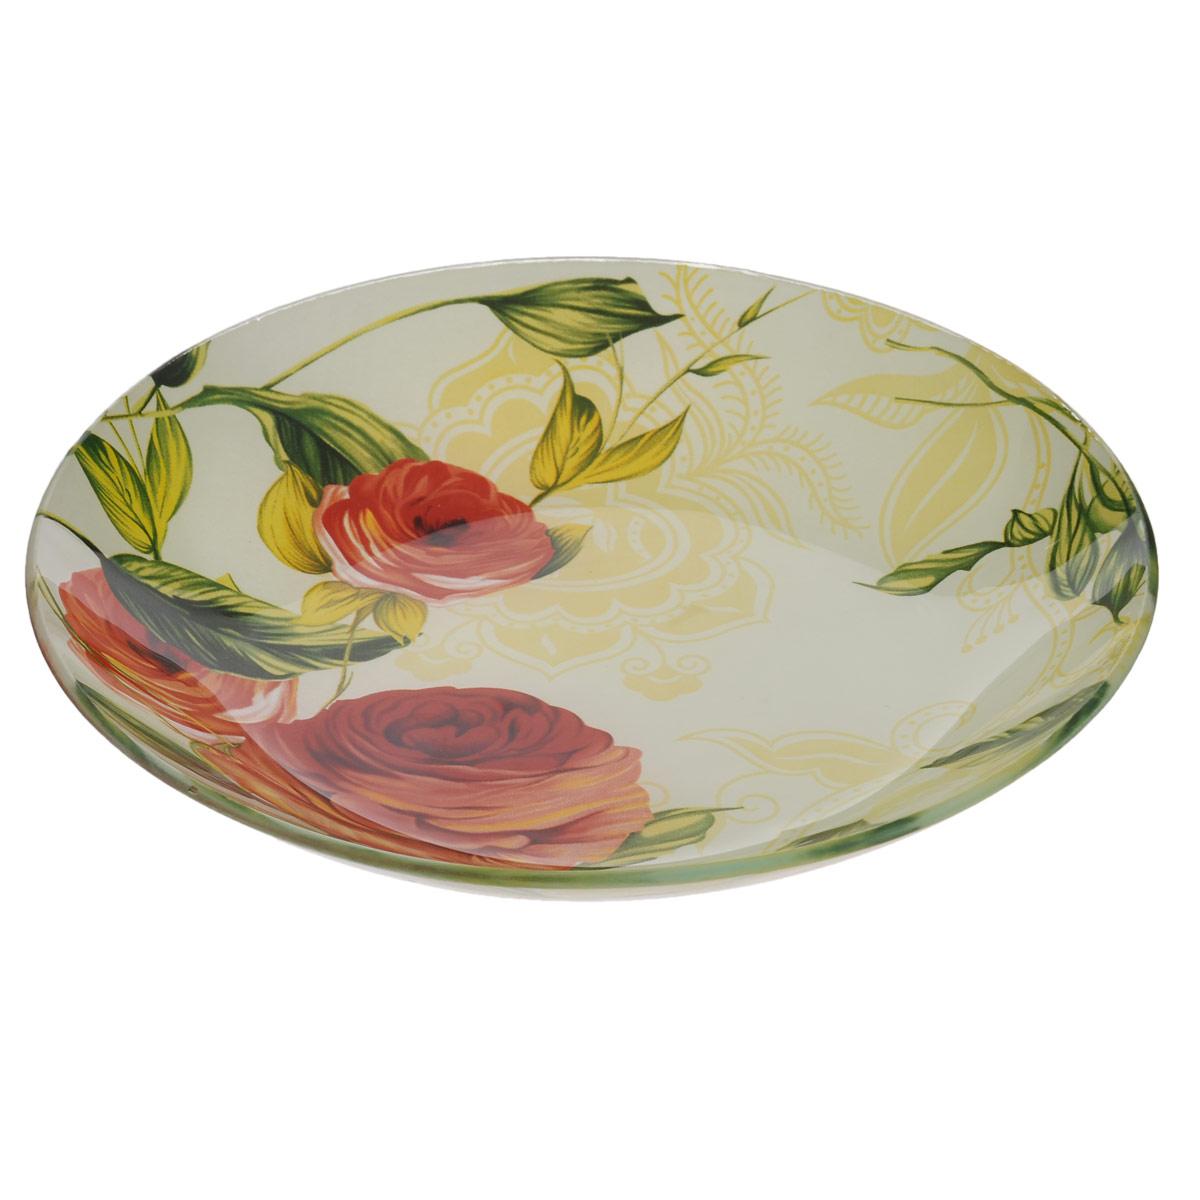 Салатник House & Holder Розы, диаметр 20,5 смS302008NF086Круглый салатник House & Holder Розы, изготовленный из стекла, декорирован ярким изображением. Такой салатник украсит сервировку вашего стола и подчеркнет прекрасный вкус хозяина, а также станет отличным подарком. Диаметр: 20,5 см. Высота: 3,2 см.